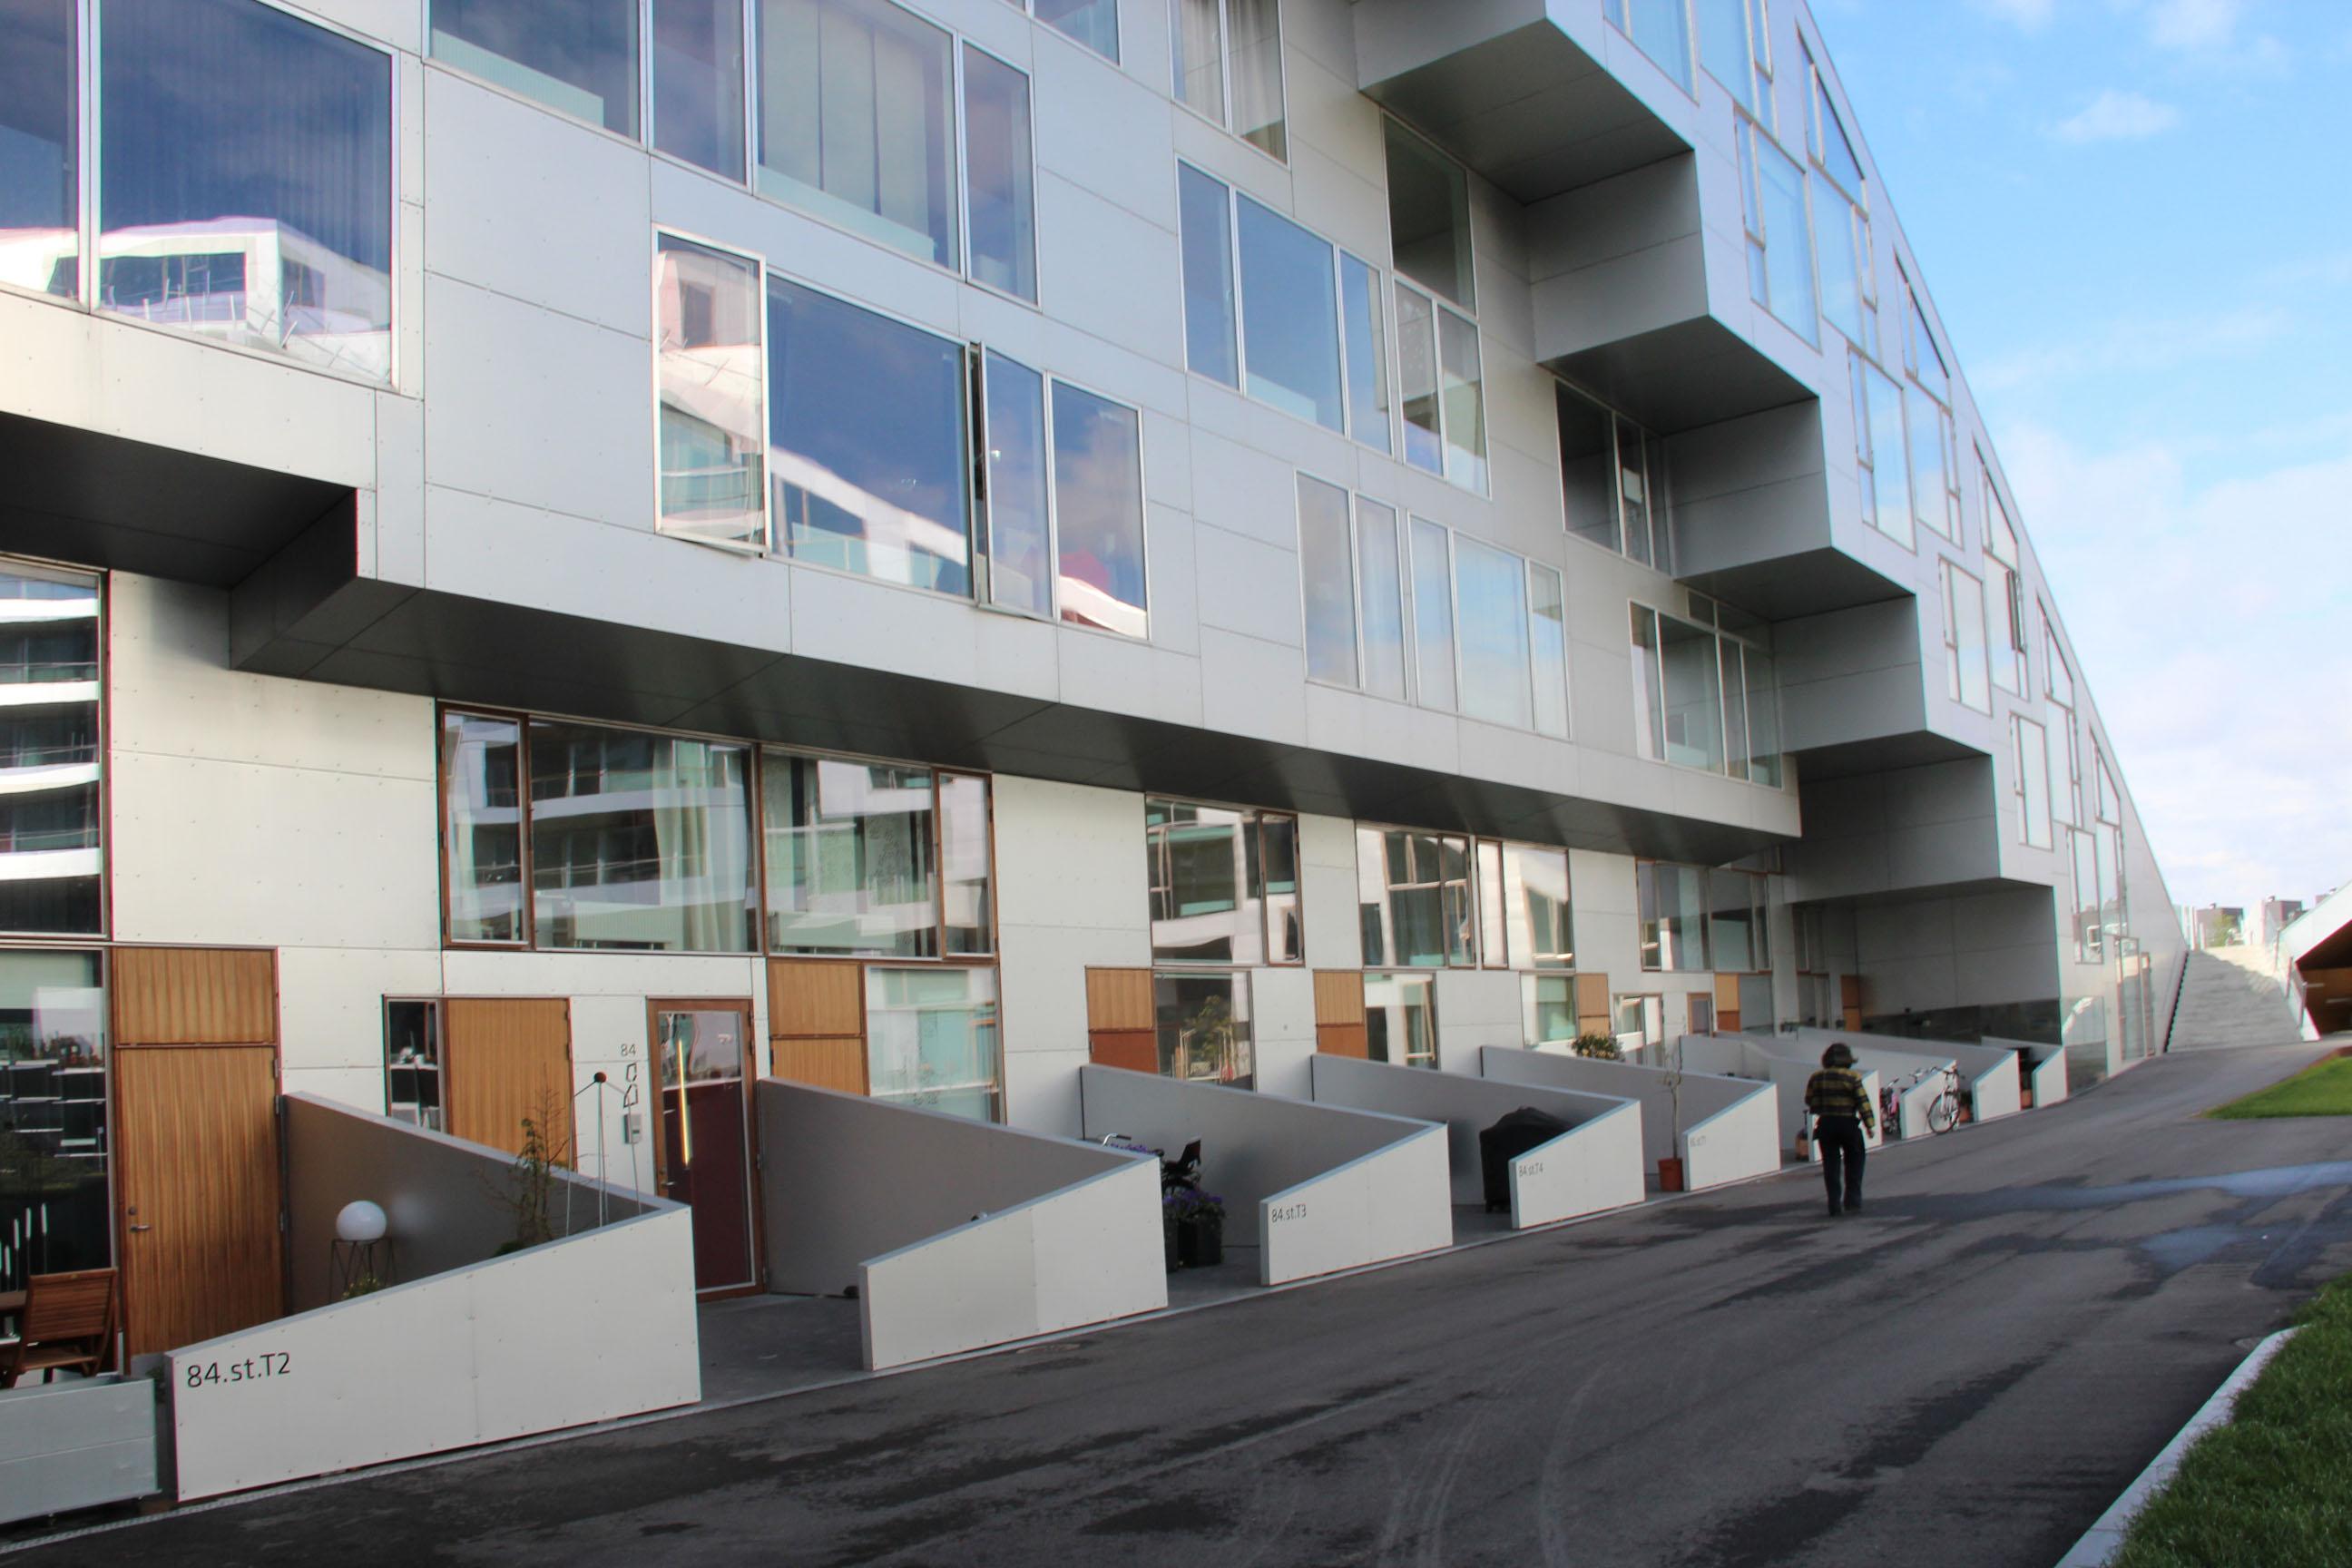 12北欧研修:コペンの再開発オレスタッド・シティー2:8ハウス集合住宅_e0054299_2033946.jpg